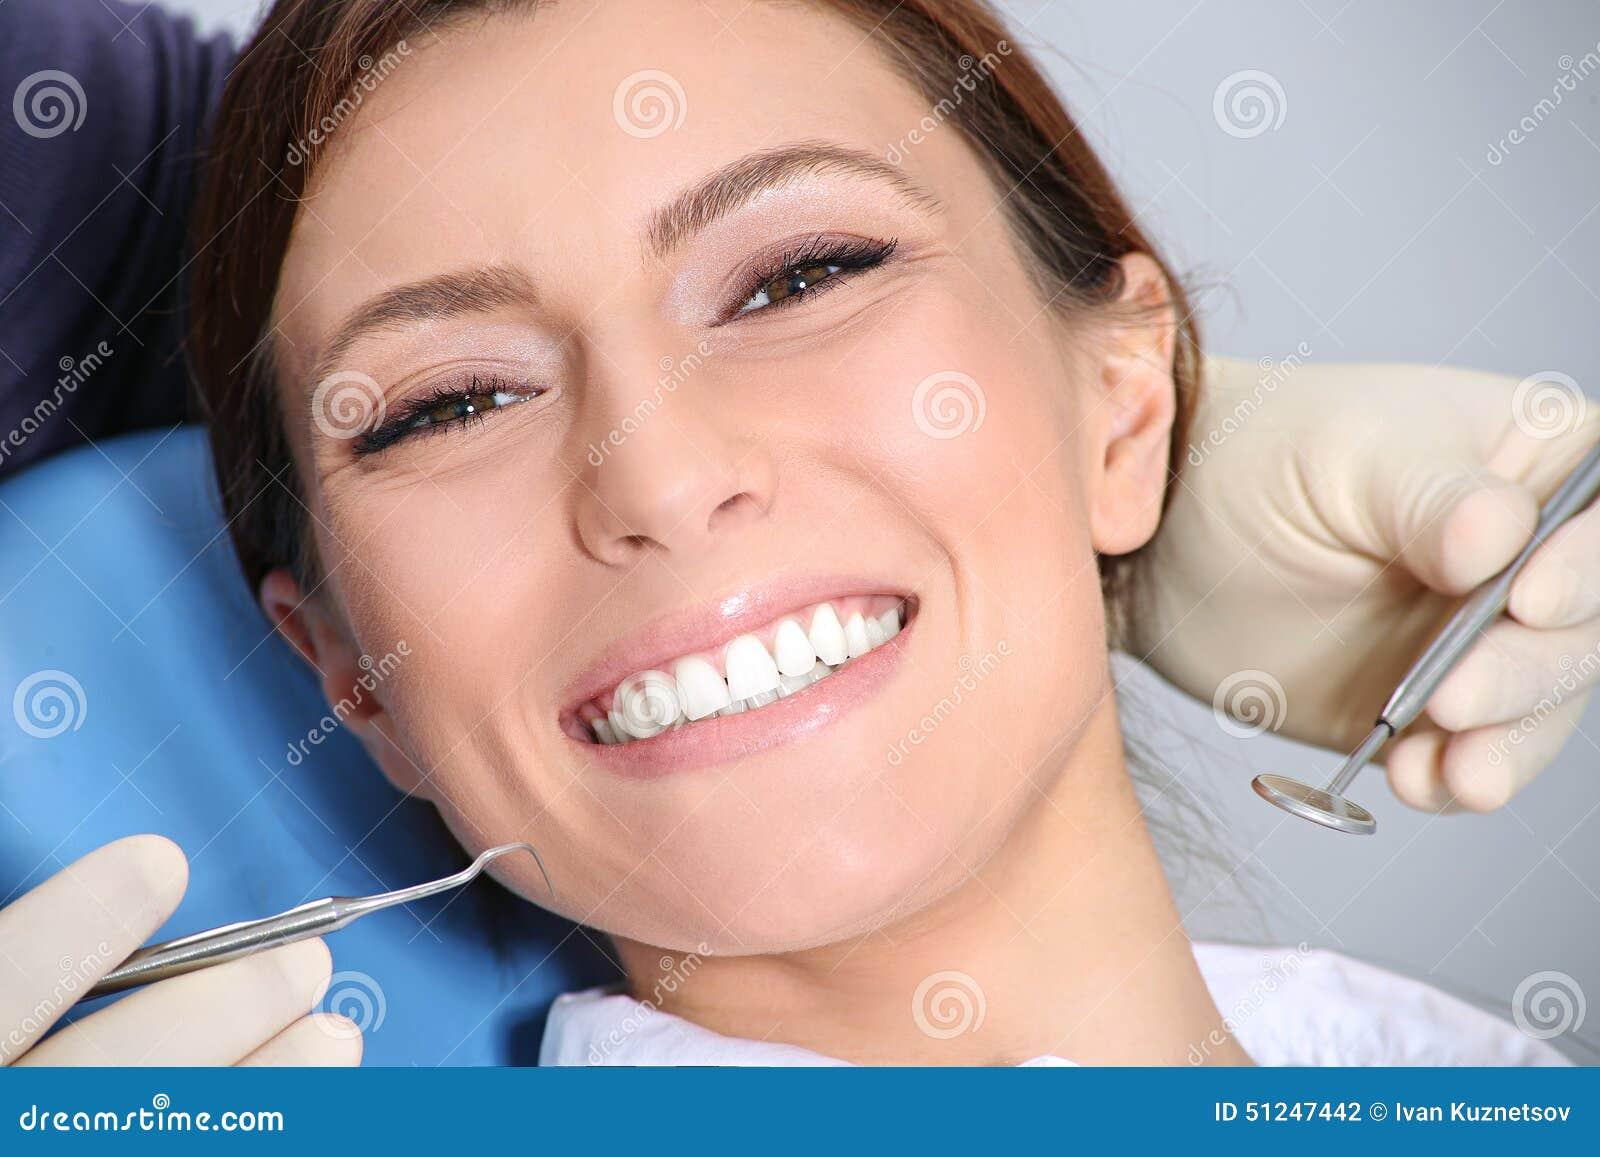 Onderzoek van de tanden in het bureau van de tandarts